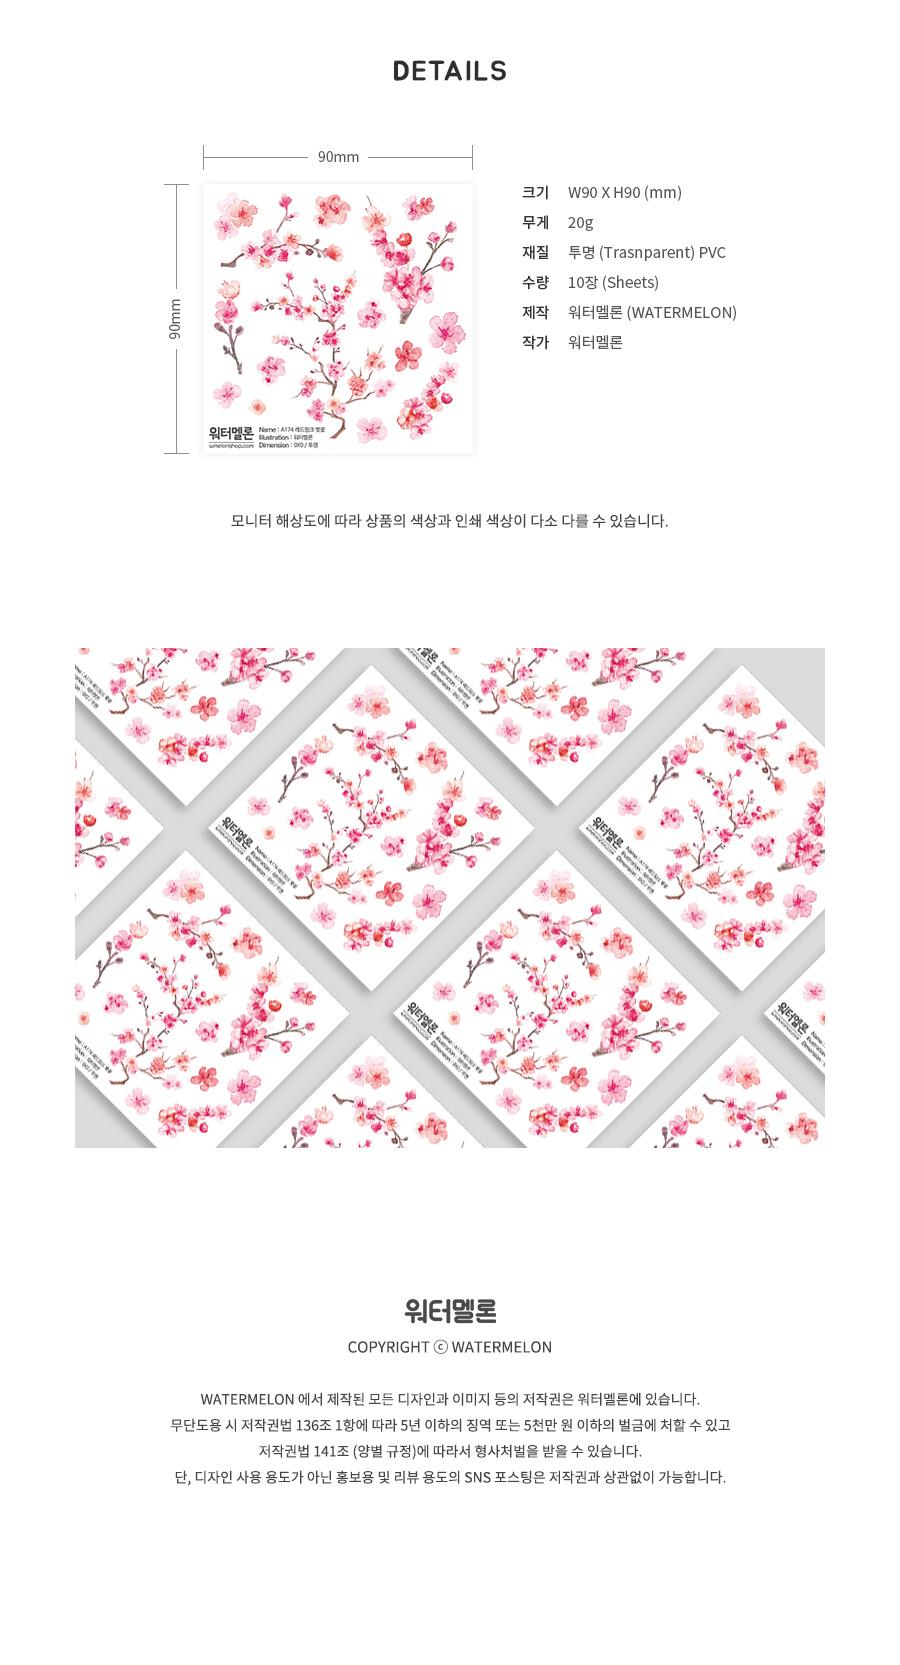 레드핑크벚꽃투명 A174 인스파는곳 - 워터멜론, 1,700원, 스티커, 포인트데코스티커